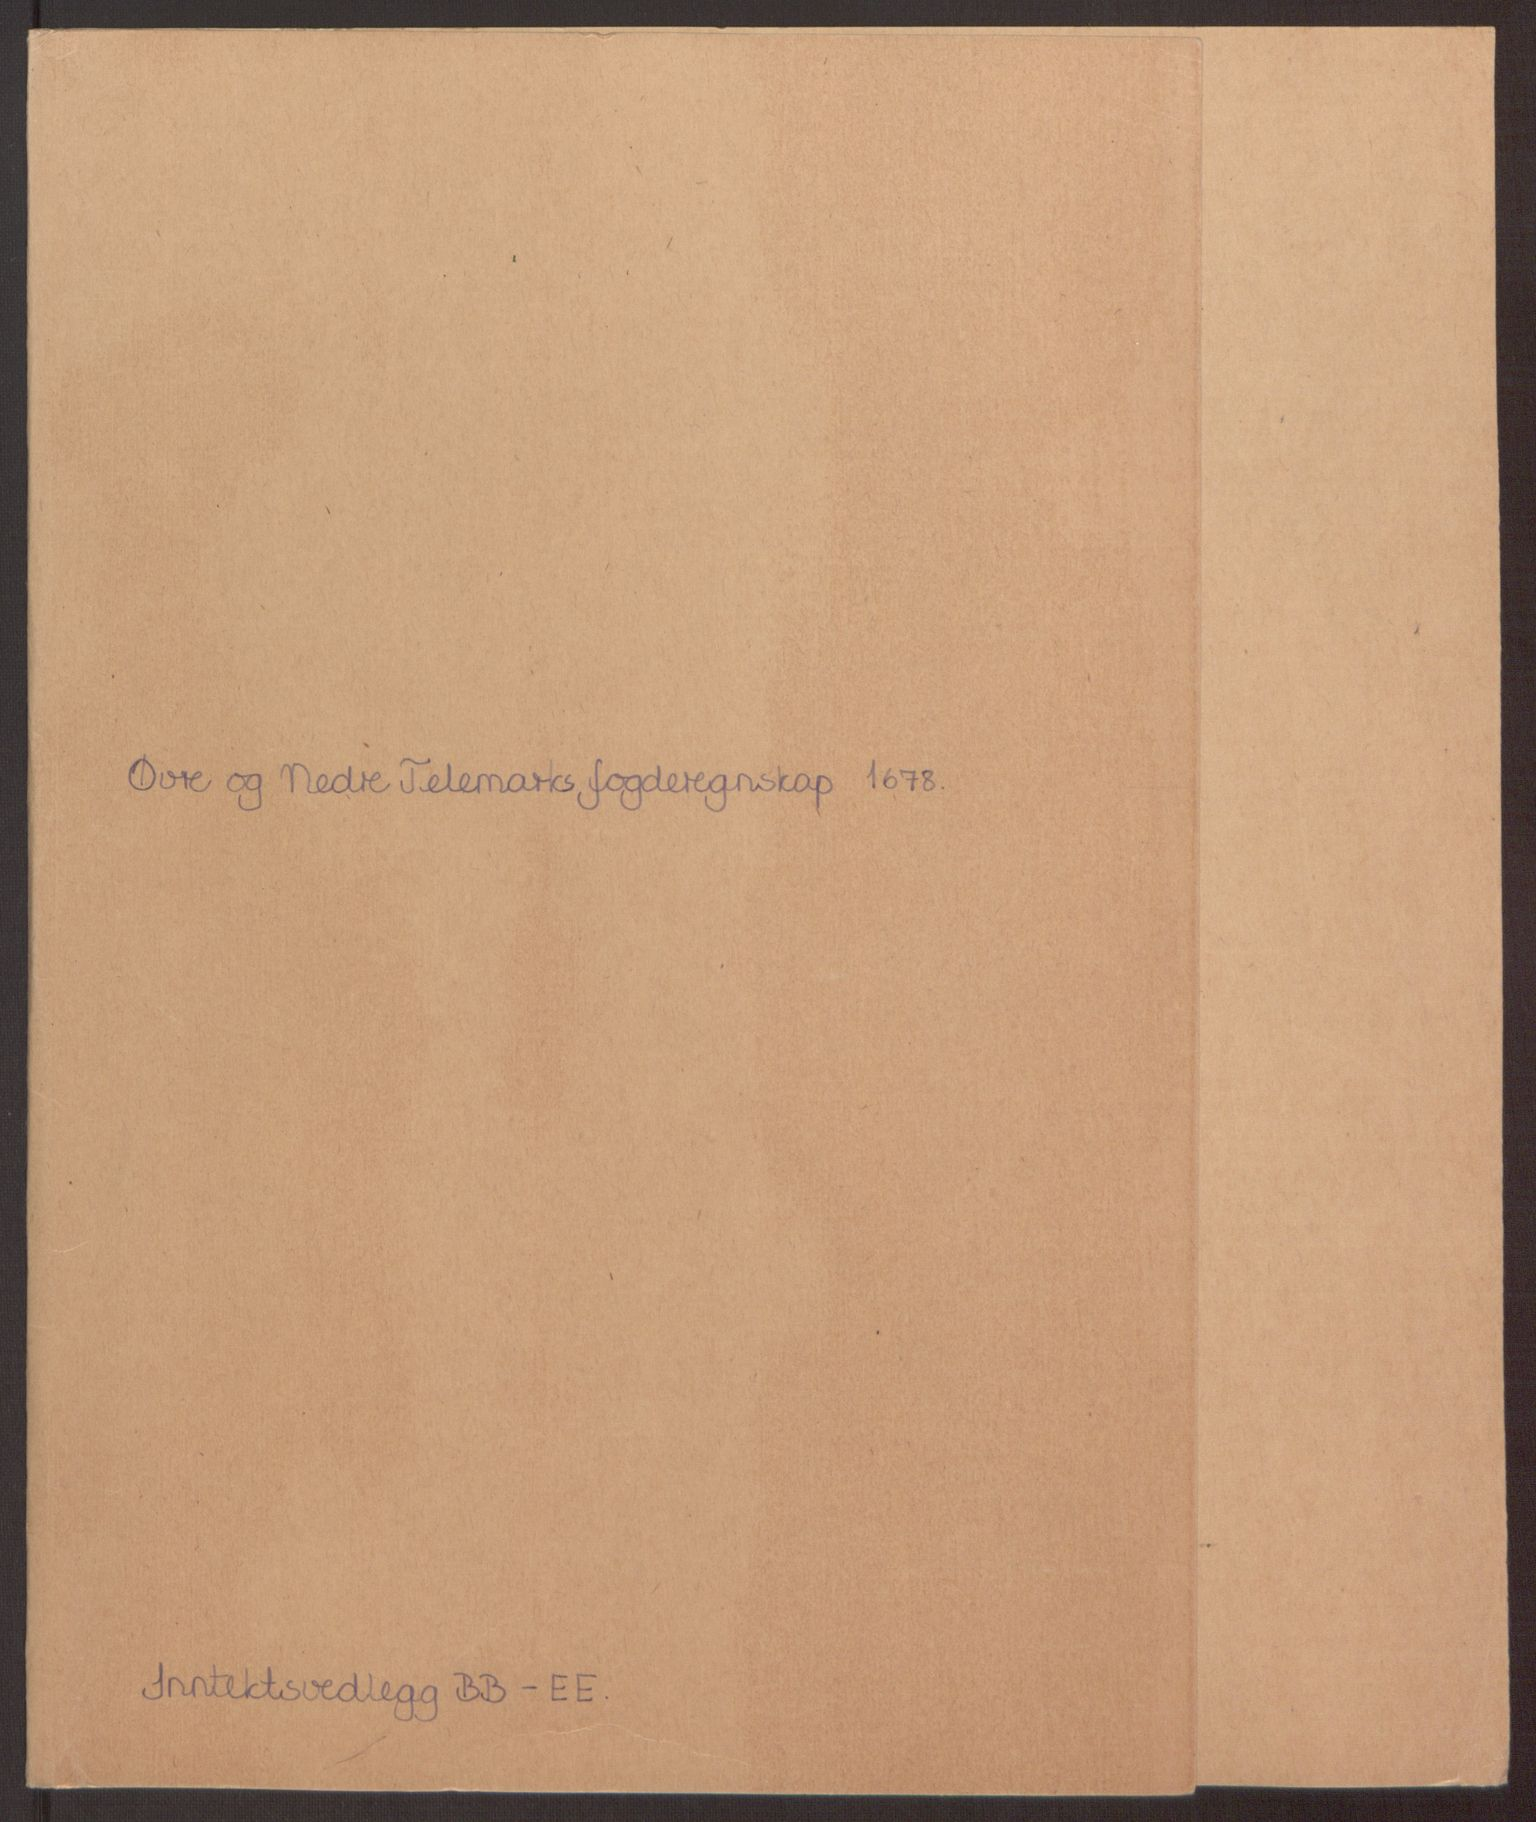 RA, Rentekammeret inntil 1814, Reviderte regnskaper, Fogderegnskap, R35/L2070: Fogderegnskap Øvre og Nedre Telemark, 1678, s. 2